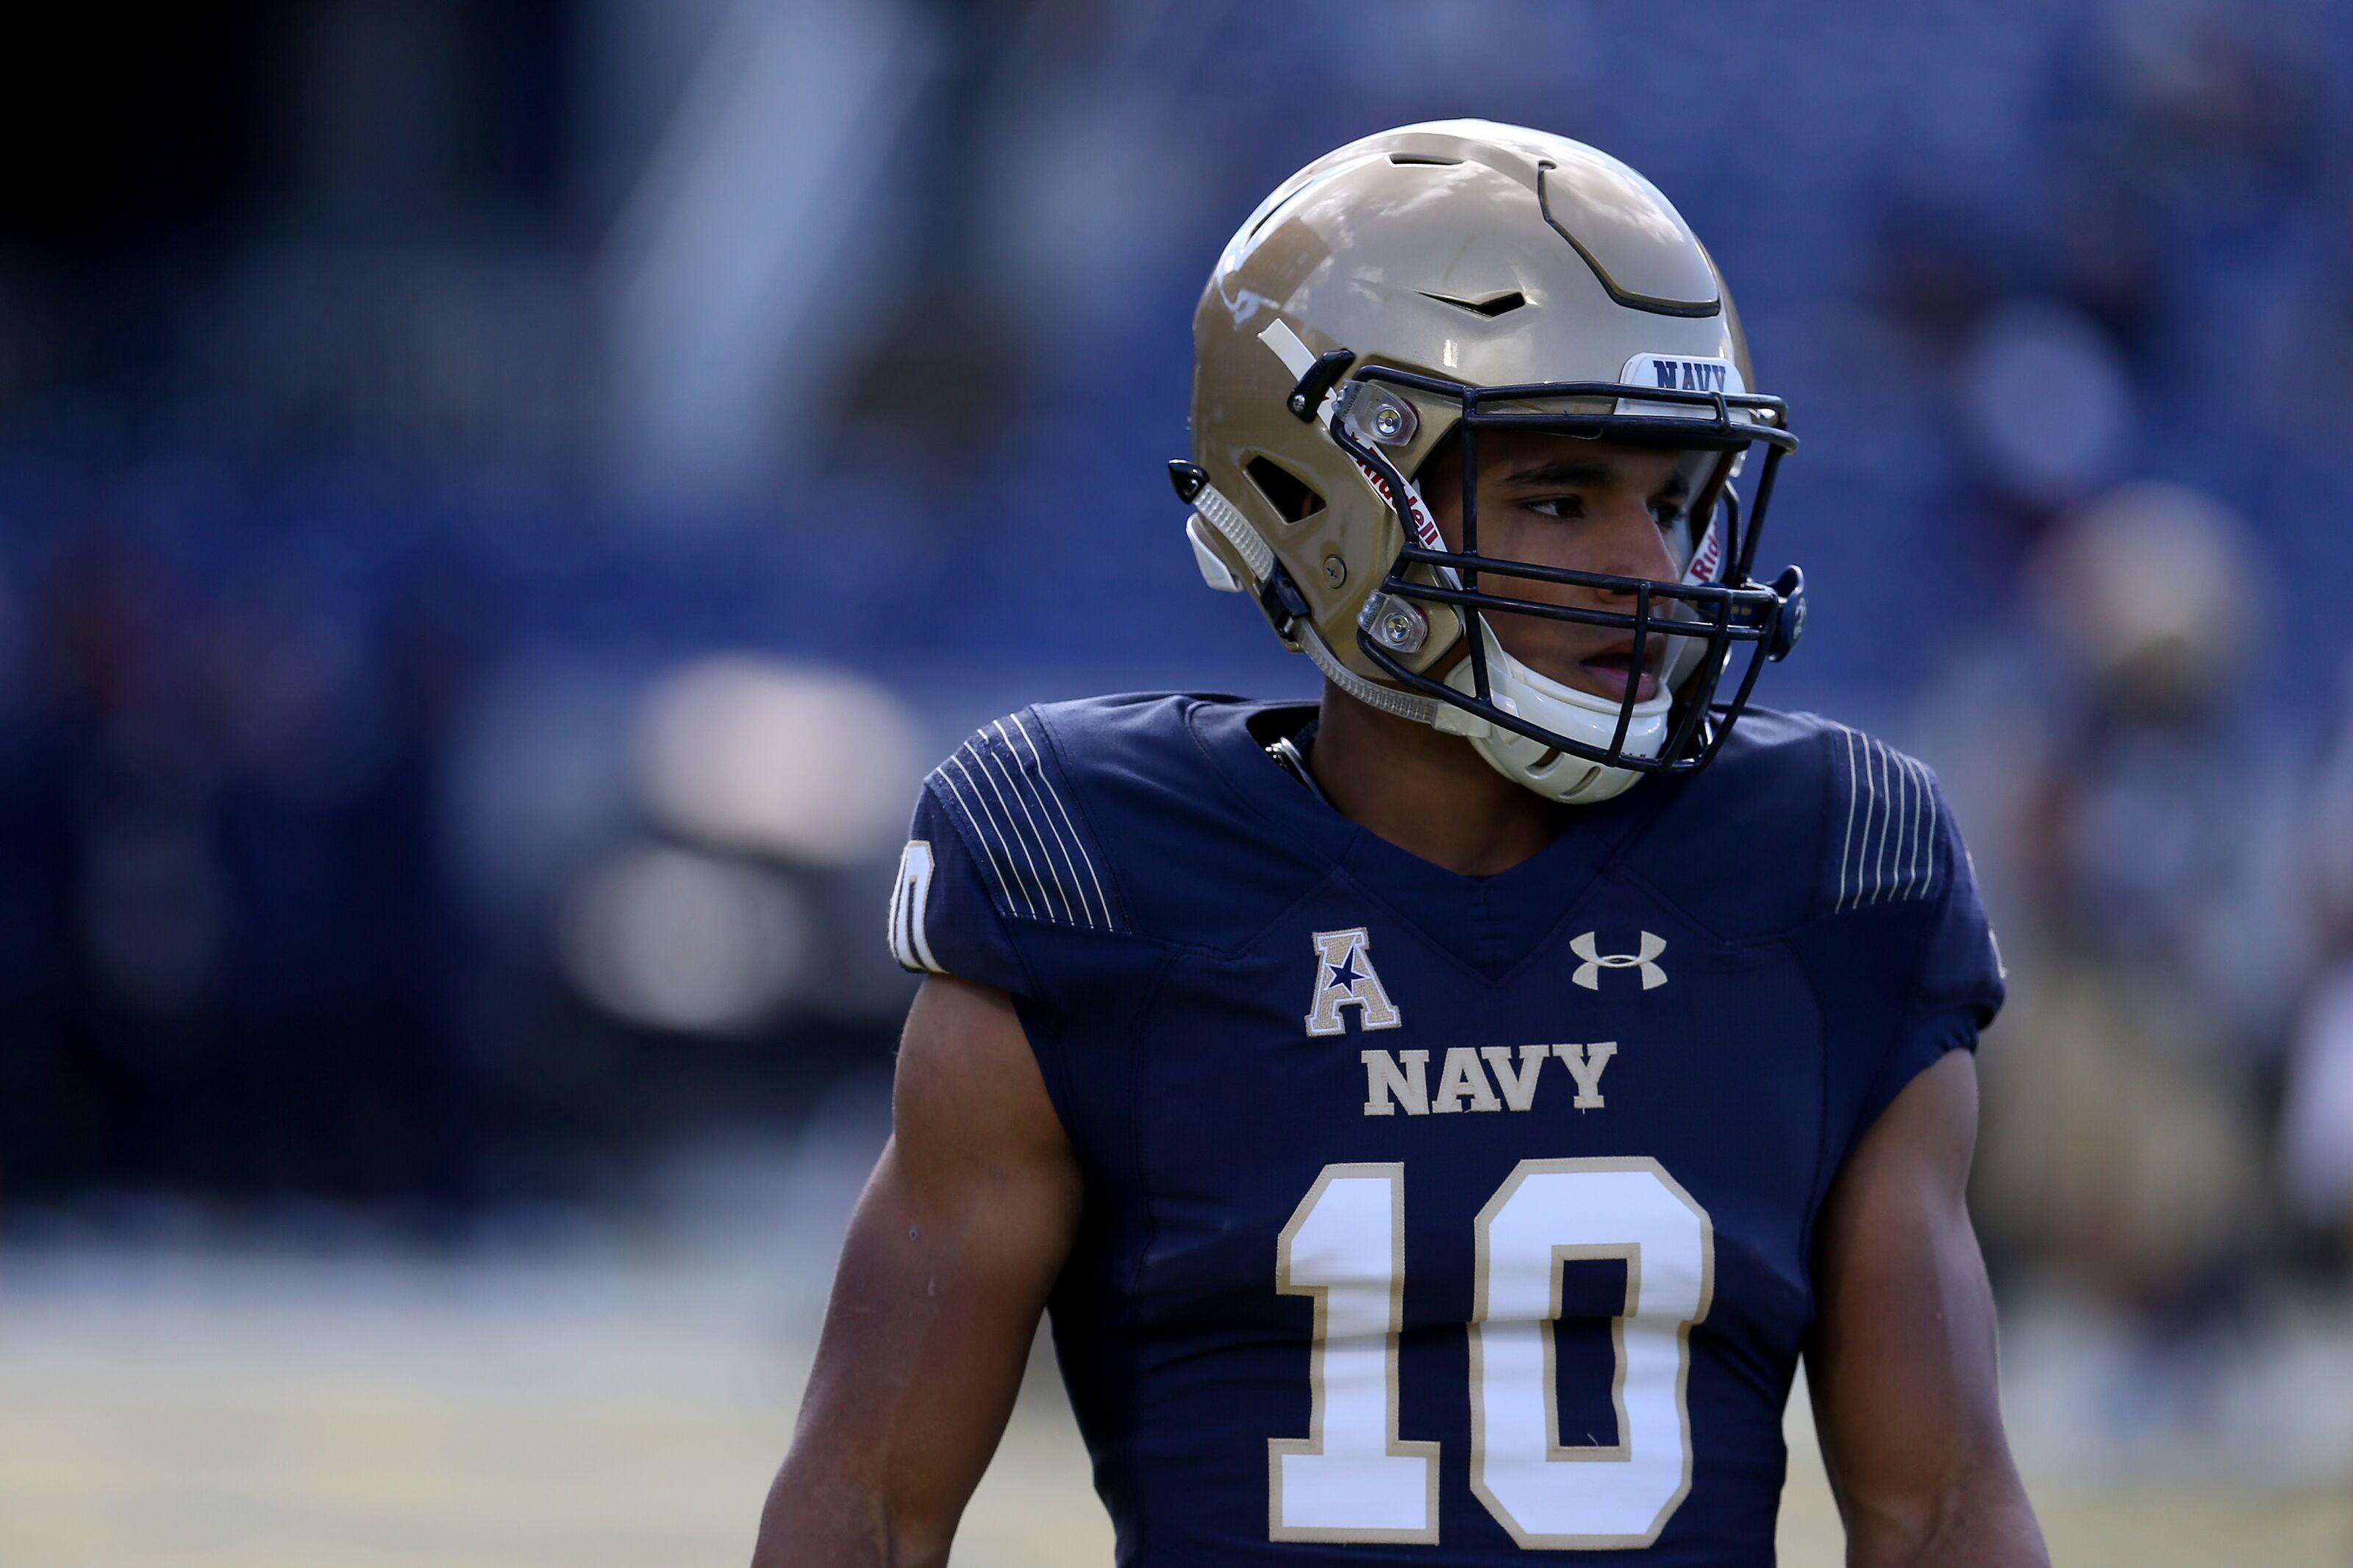 Navy Football: Preview, prediction for 2019 season